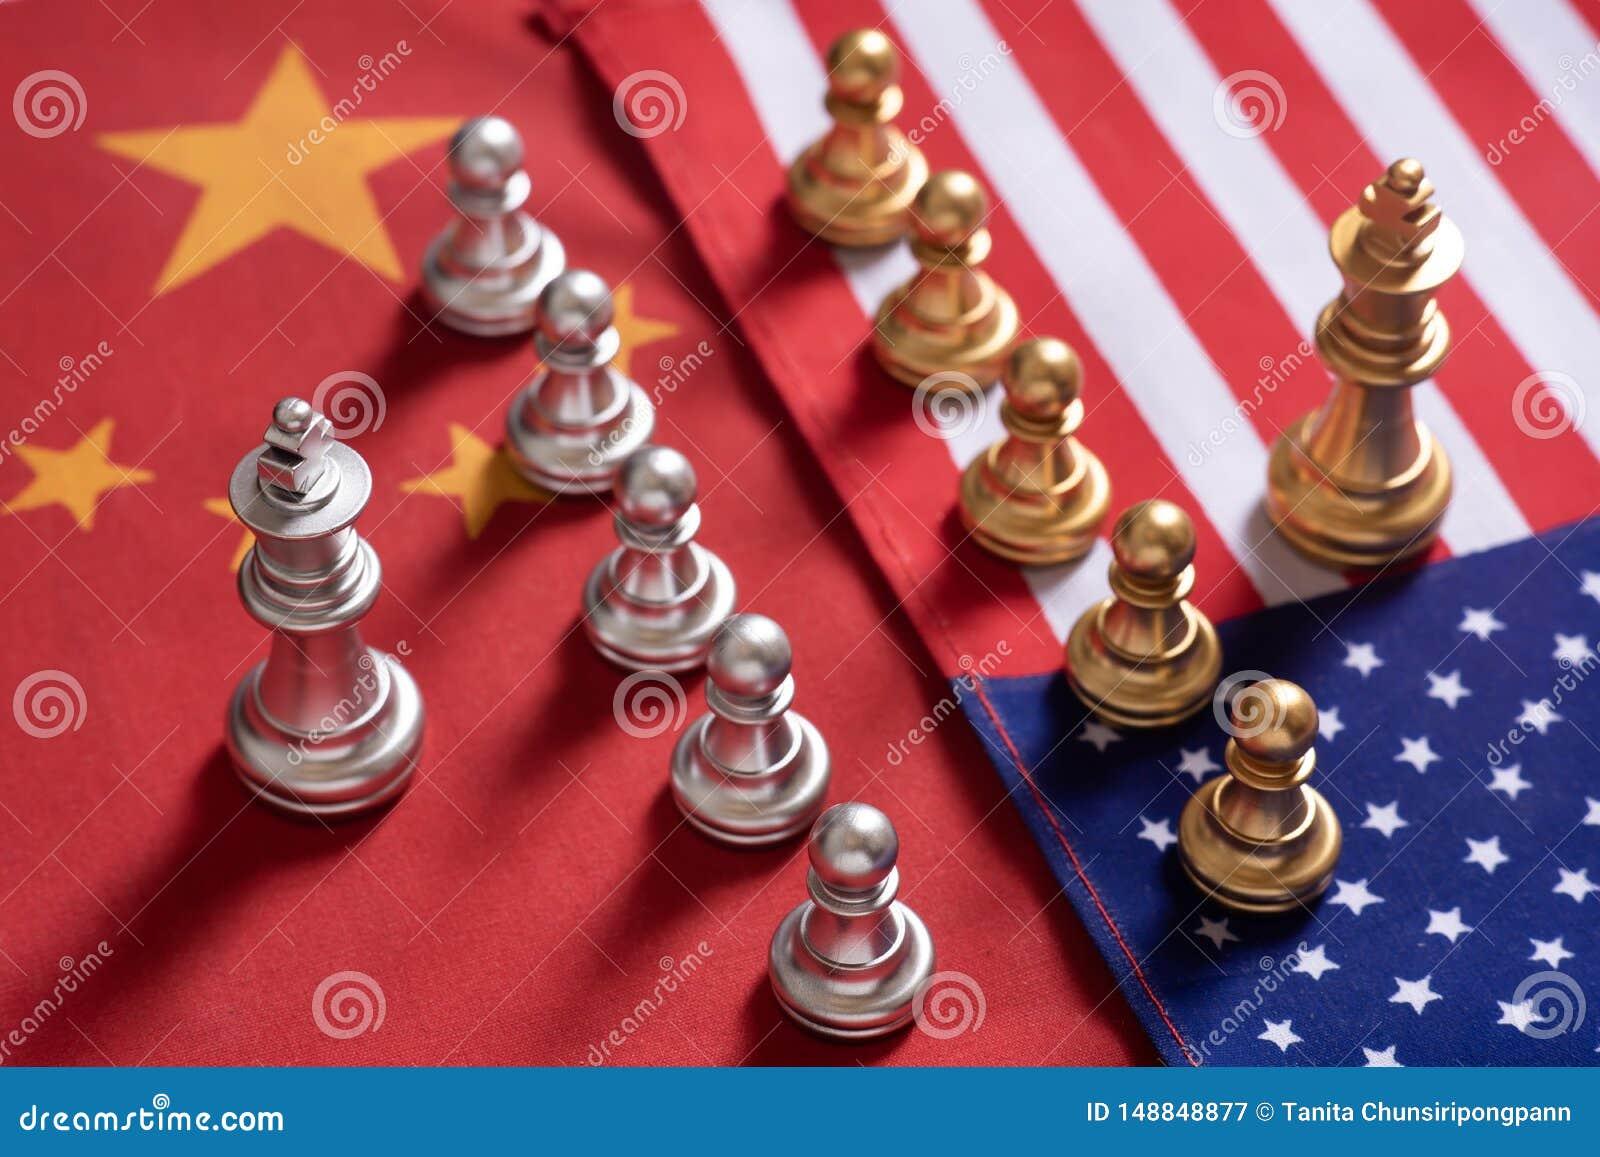 Voor achtergrond of Web De twee teamtribune confronteert elkaar op de nationale vlaggen van China en van de V.S. Het Concept van